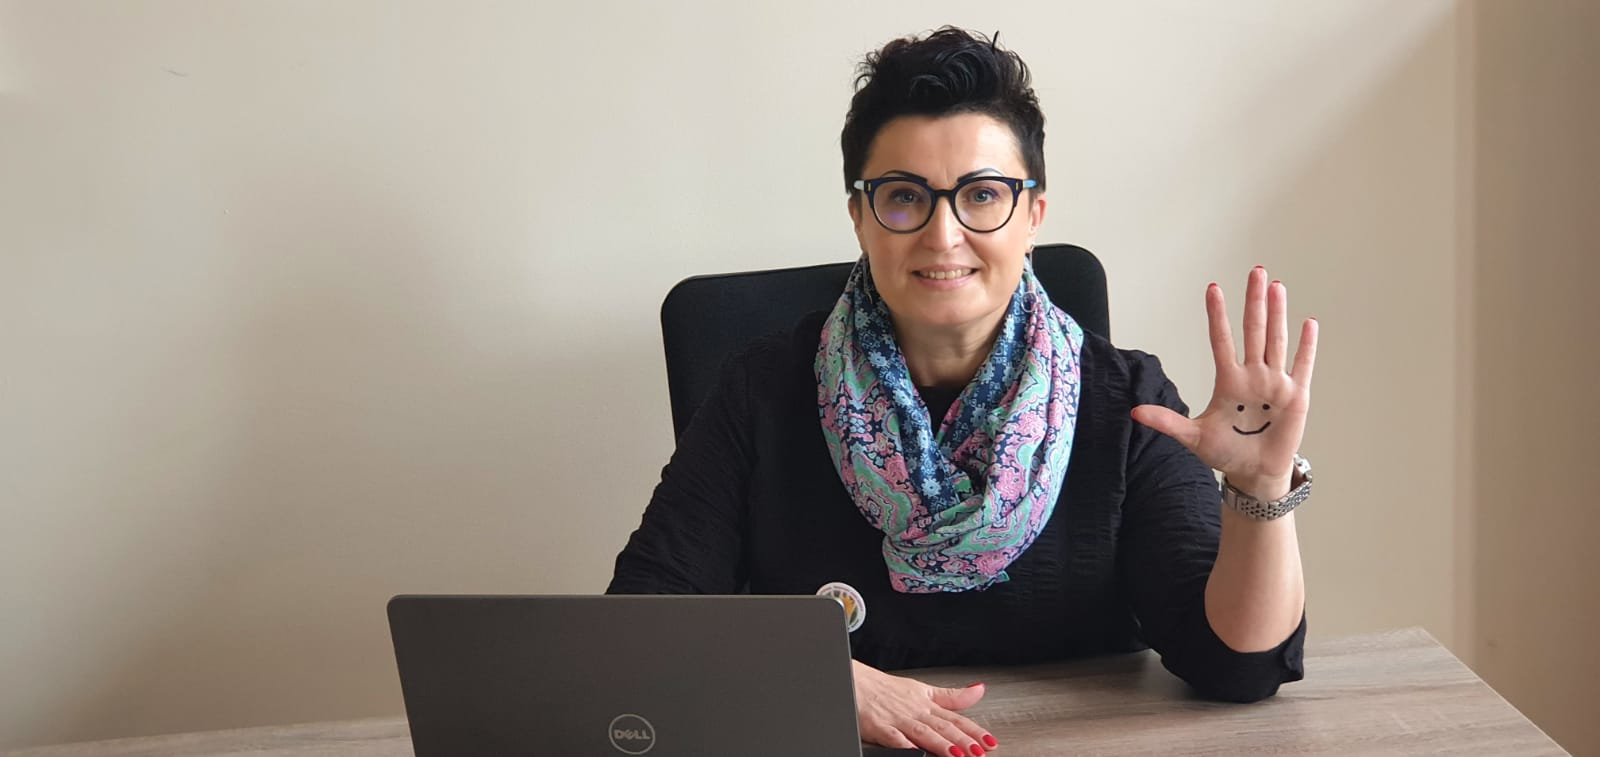 Joanna Bartoszewska, dyrektorka Pomorskiego Ośrodka Adopcyjnego w Gdańsku